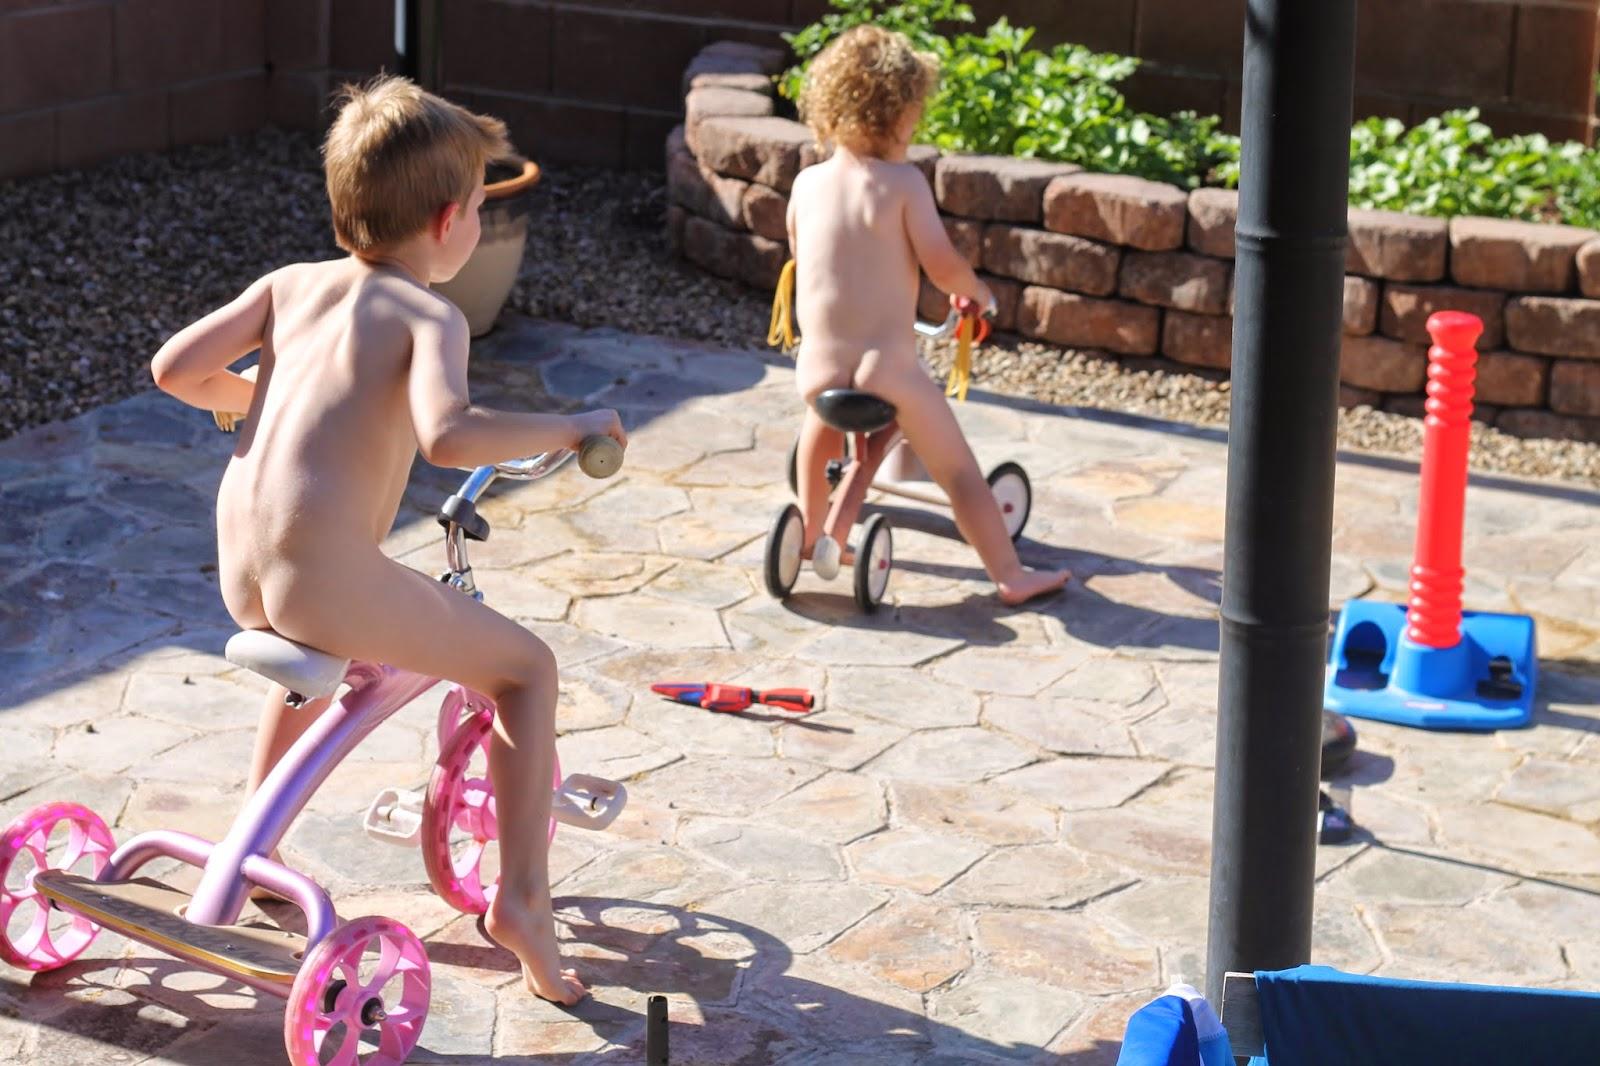 naked toddler boys shower time